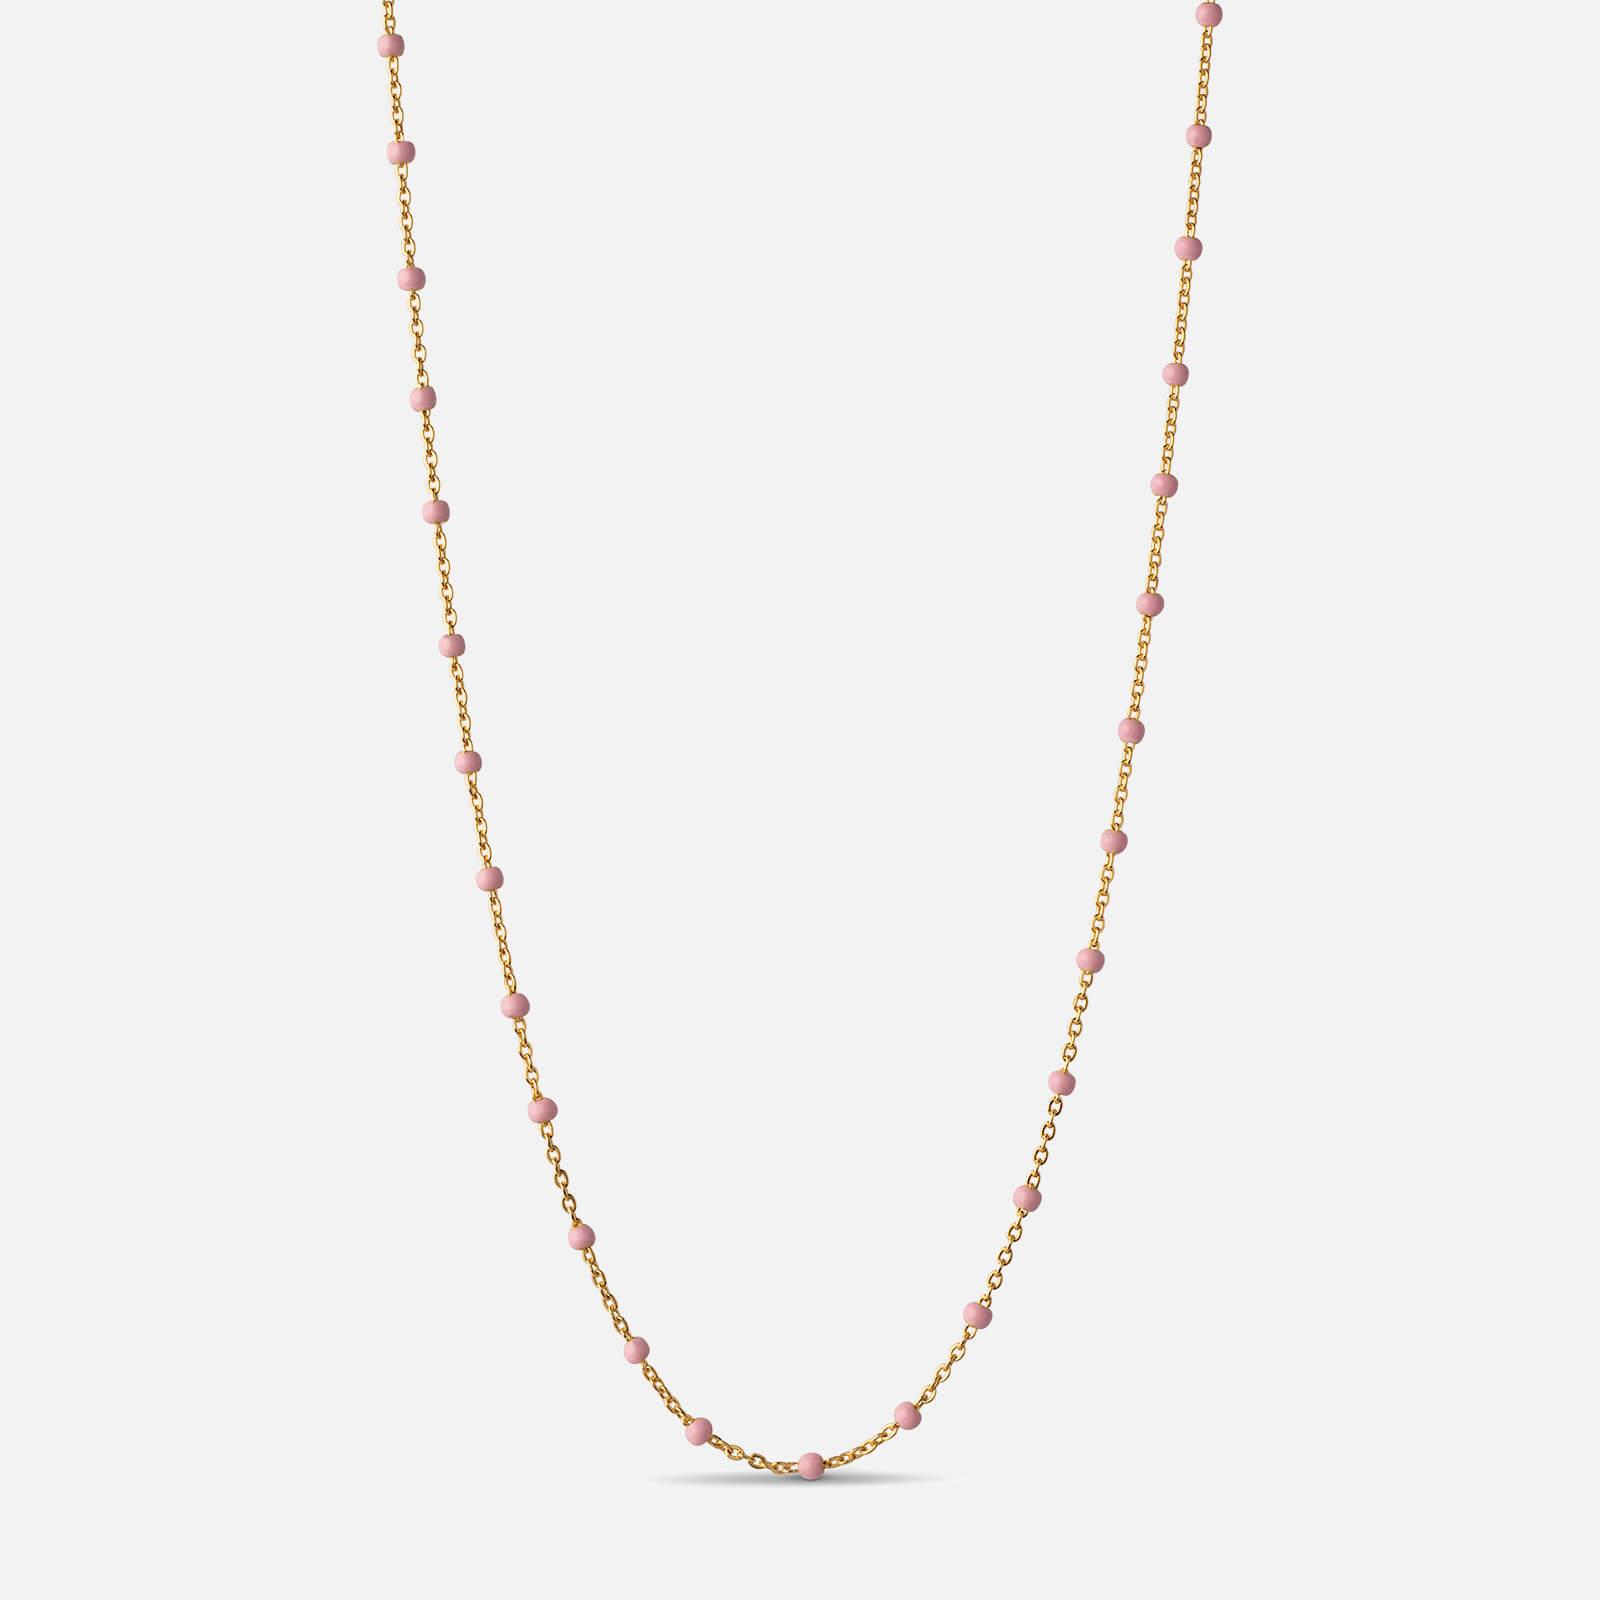 ENAMEL Copenhagen Women's Lola Necklace - Light pink